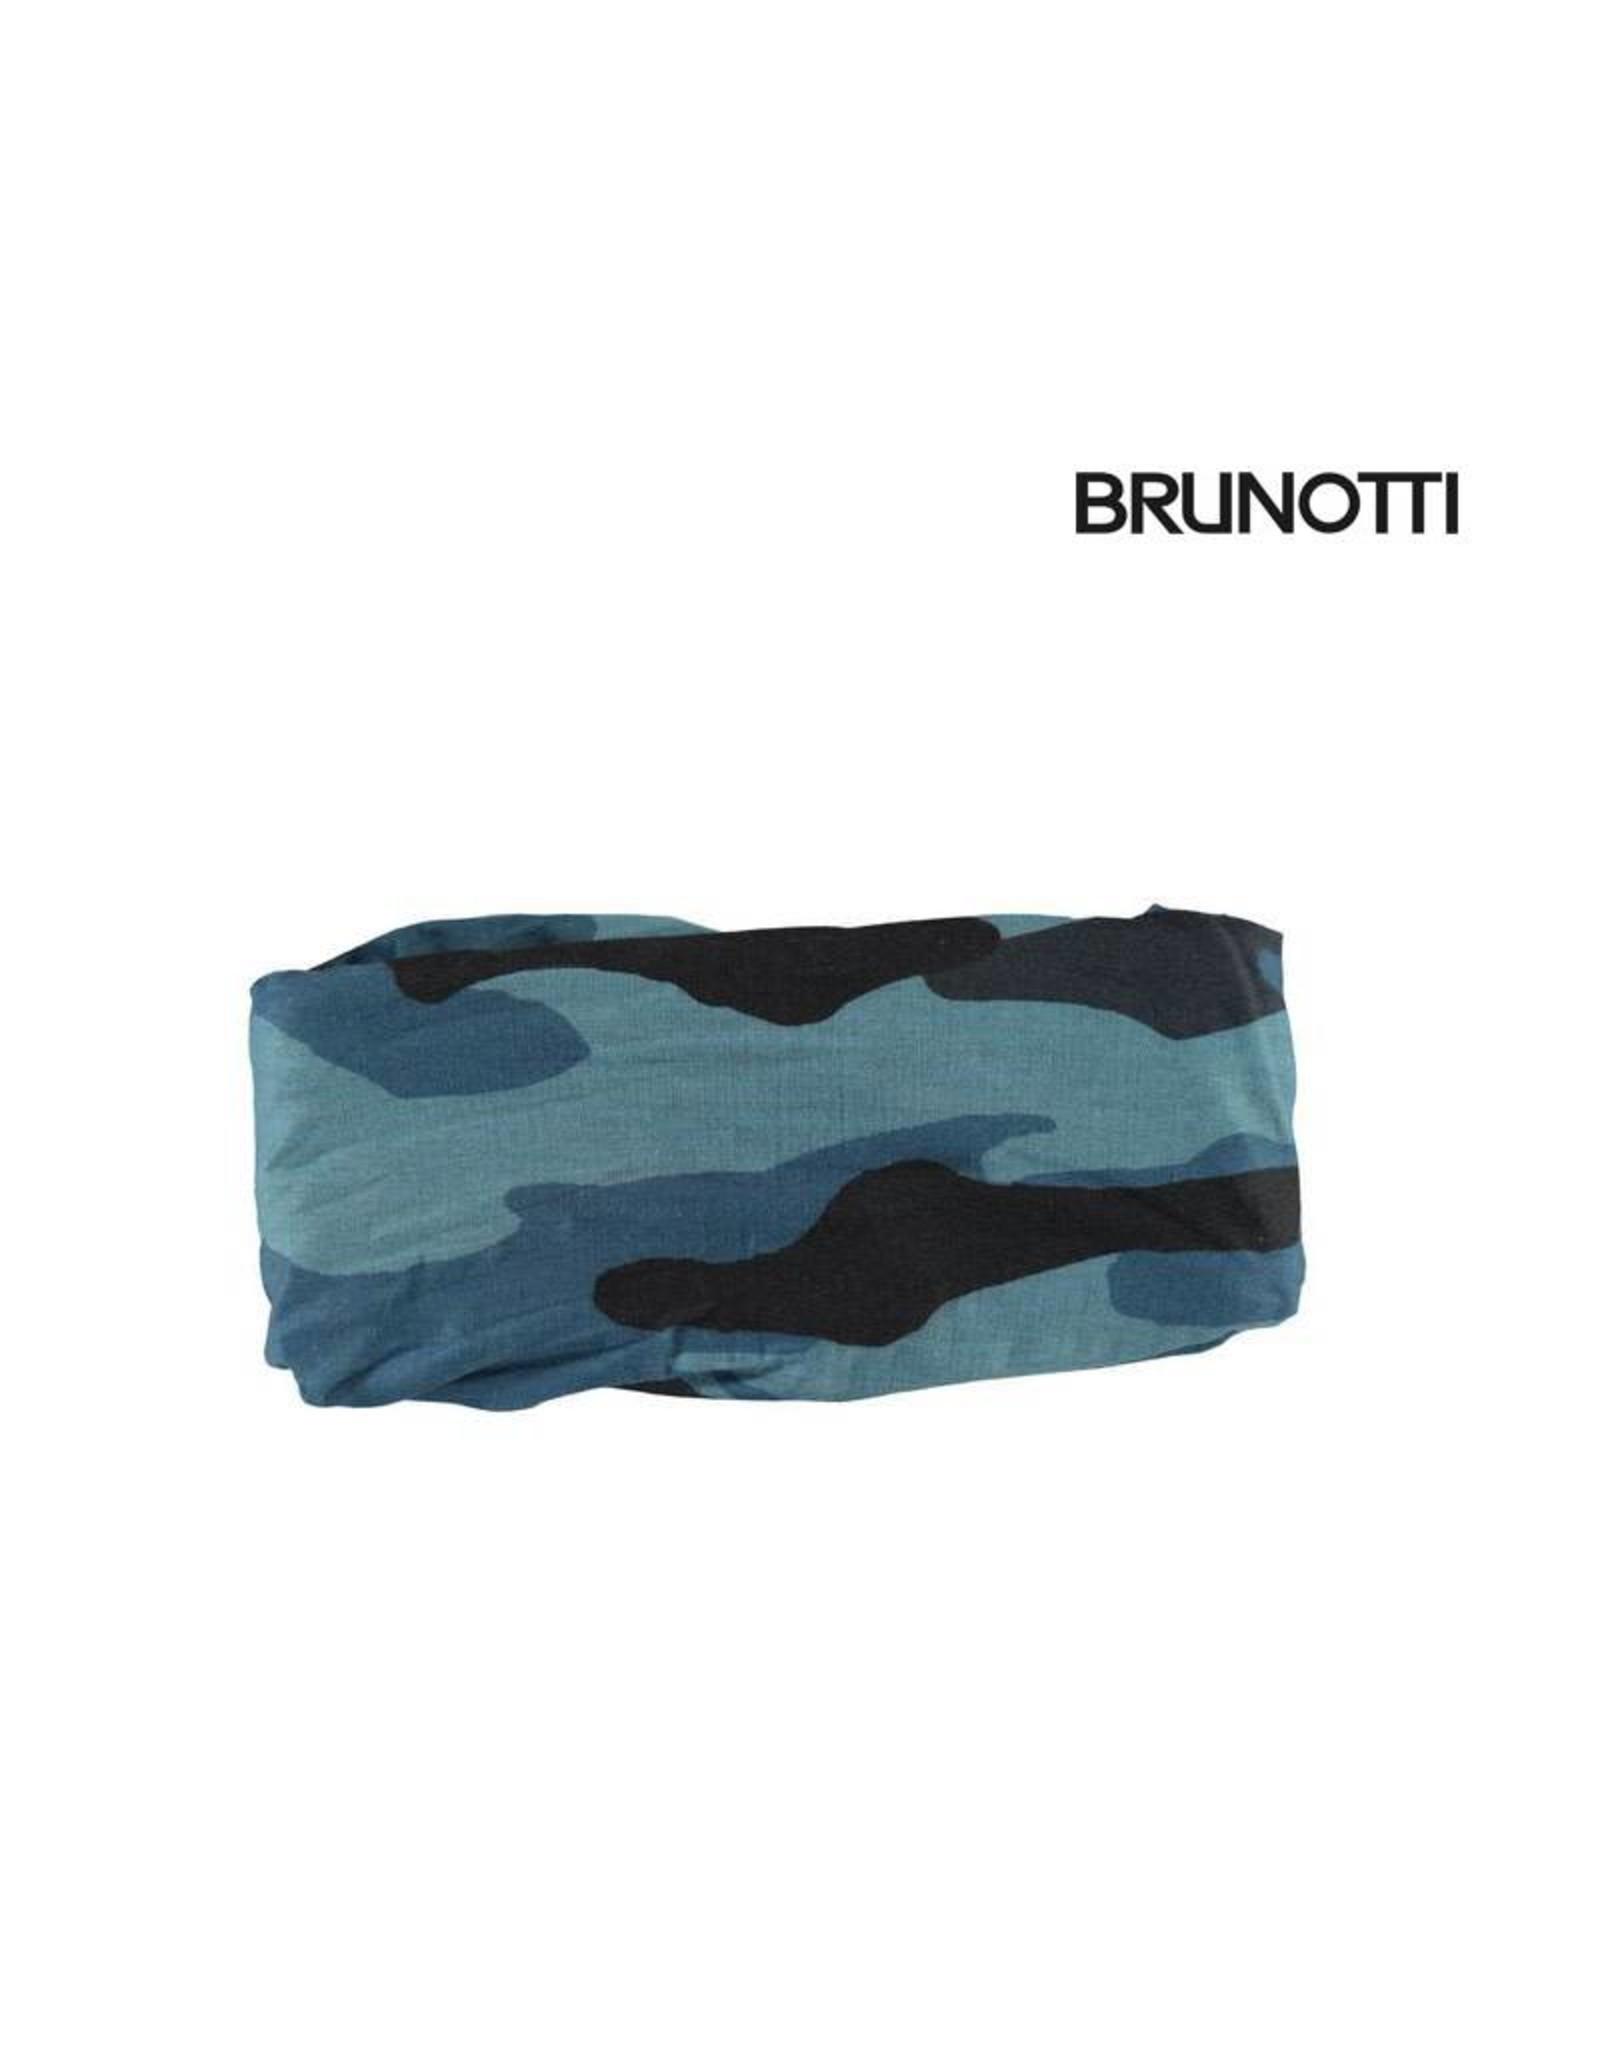 BRUNOTTI BRUNOTTI BANDANA TWOSTROKE Scarf Titanium